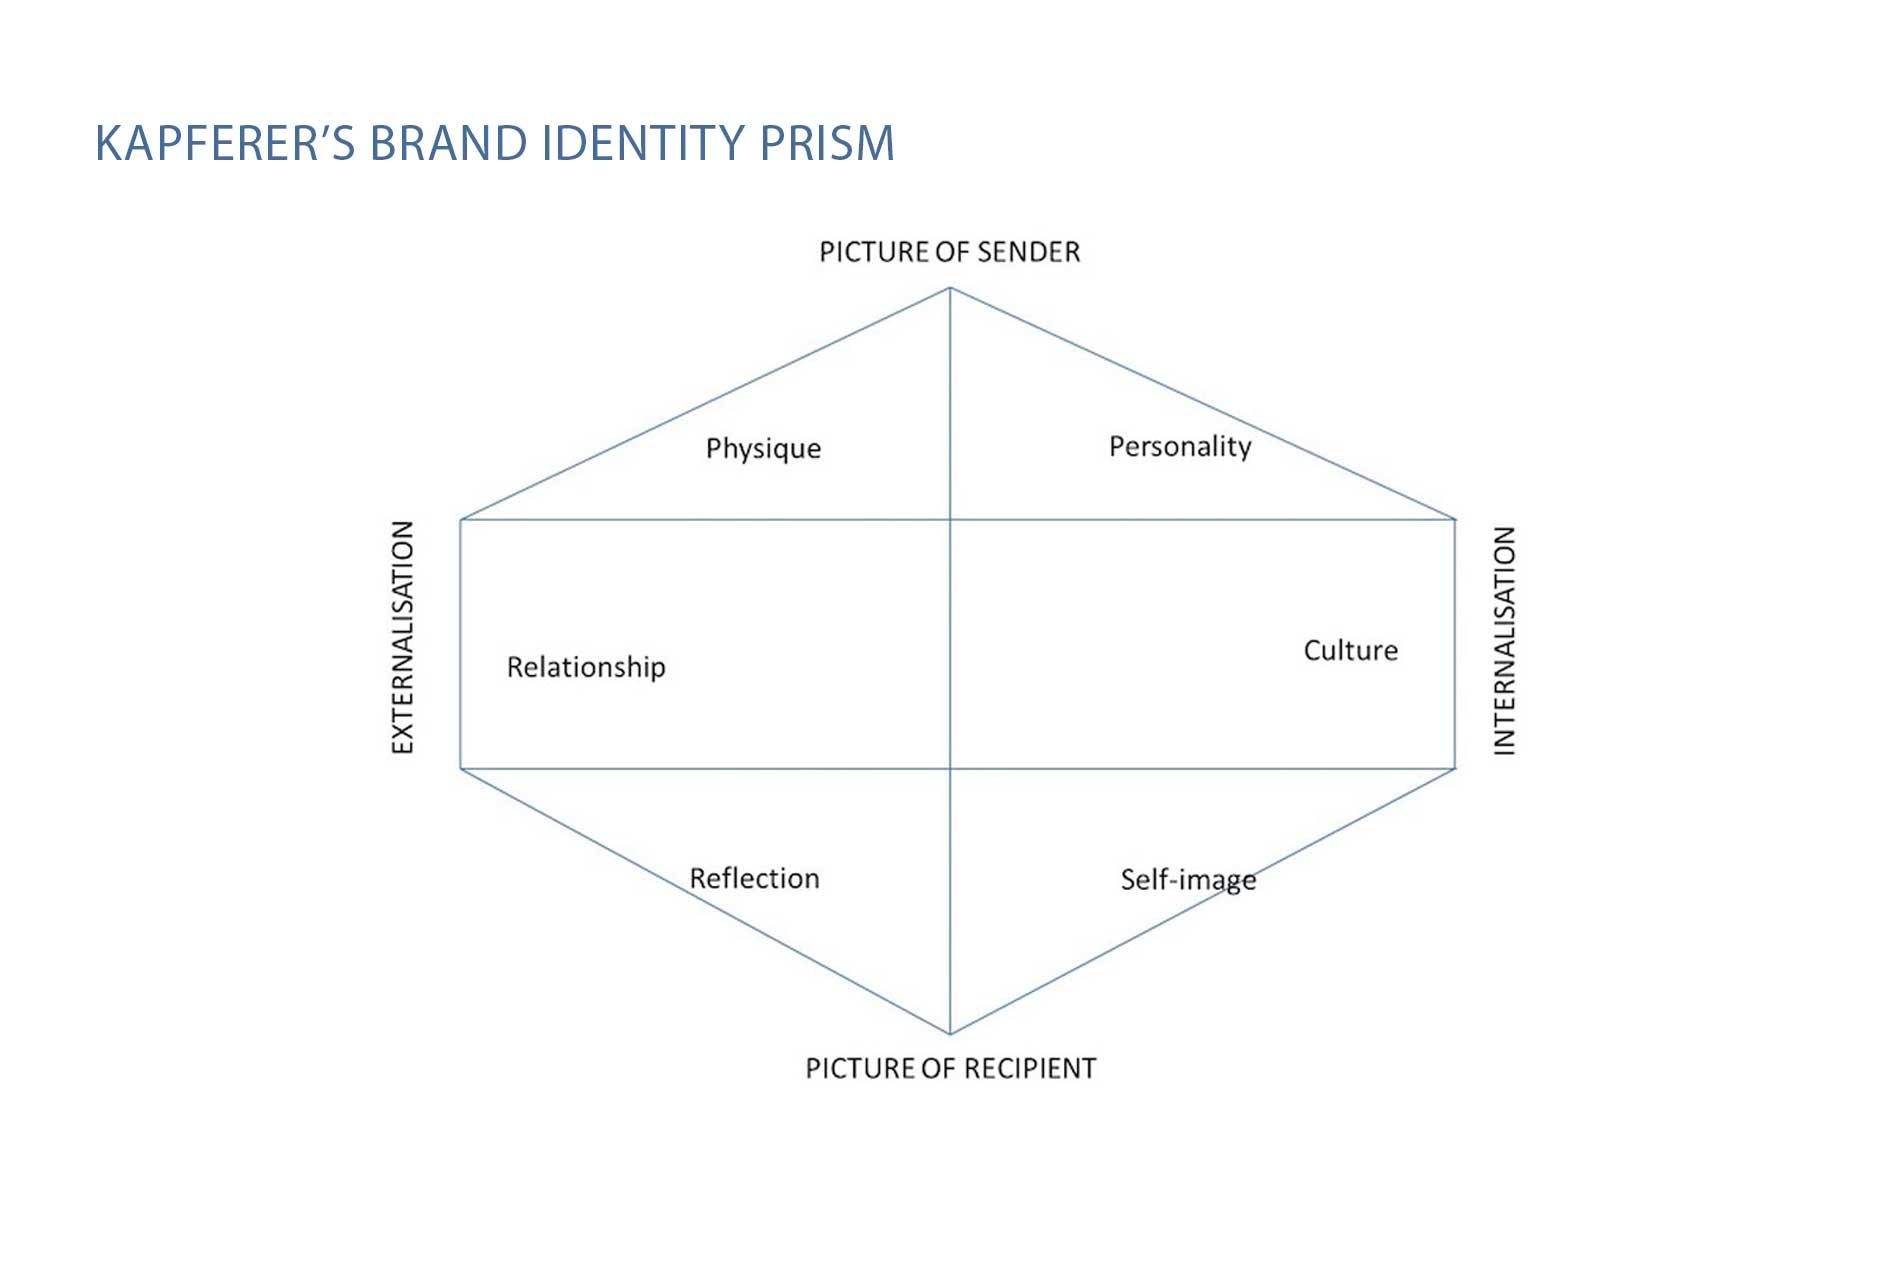 Kapferer brand identity prism